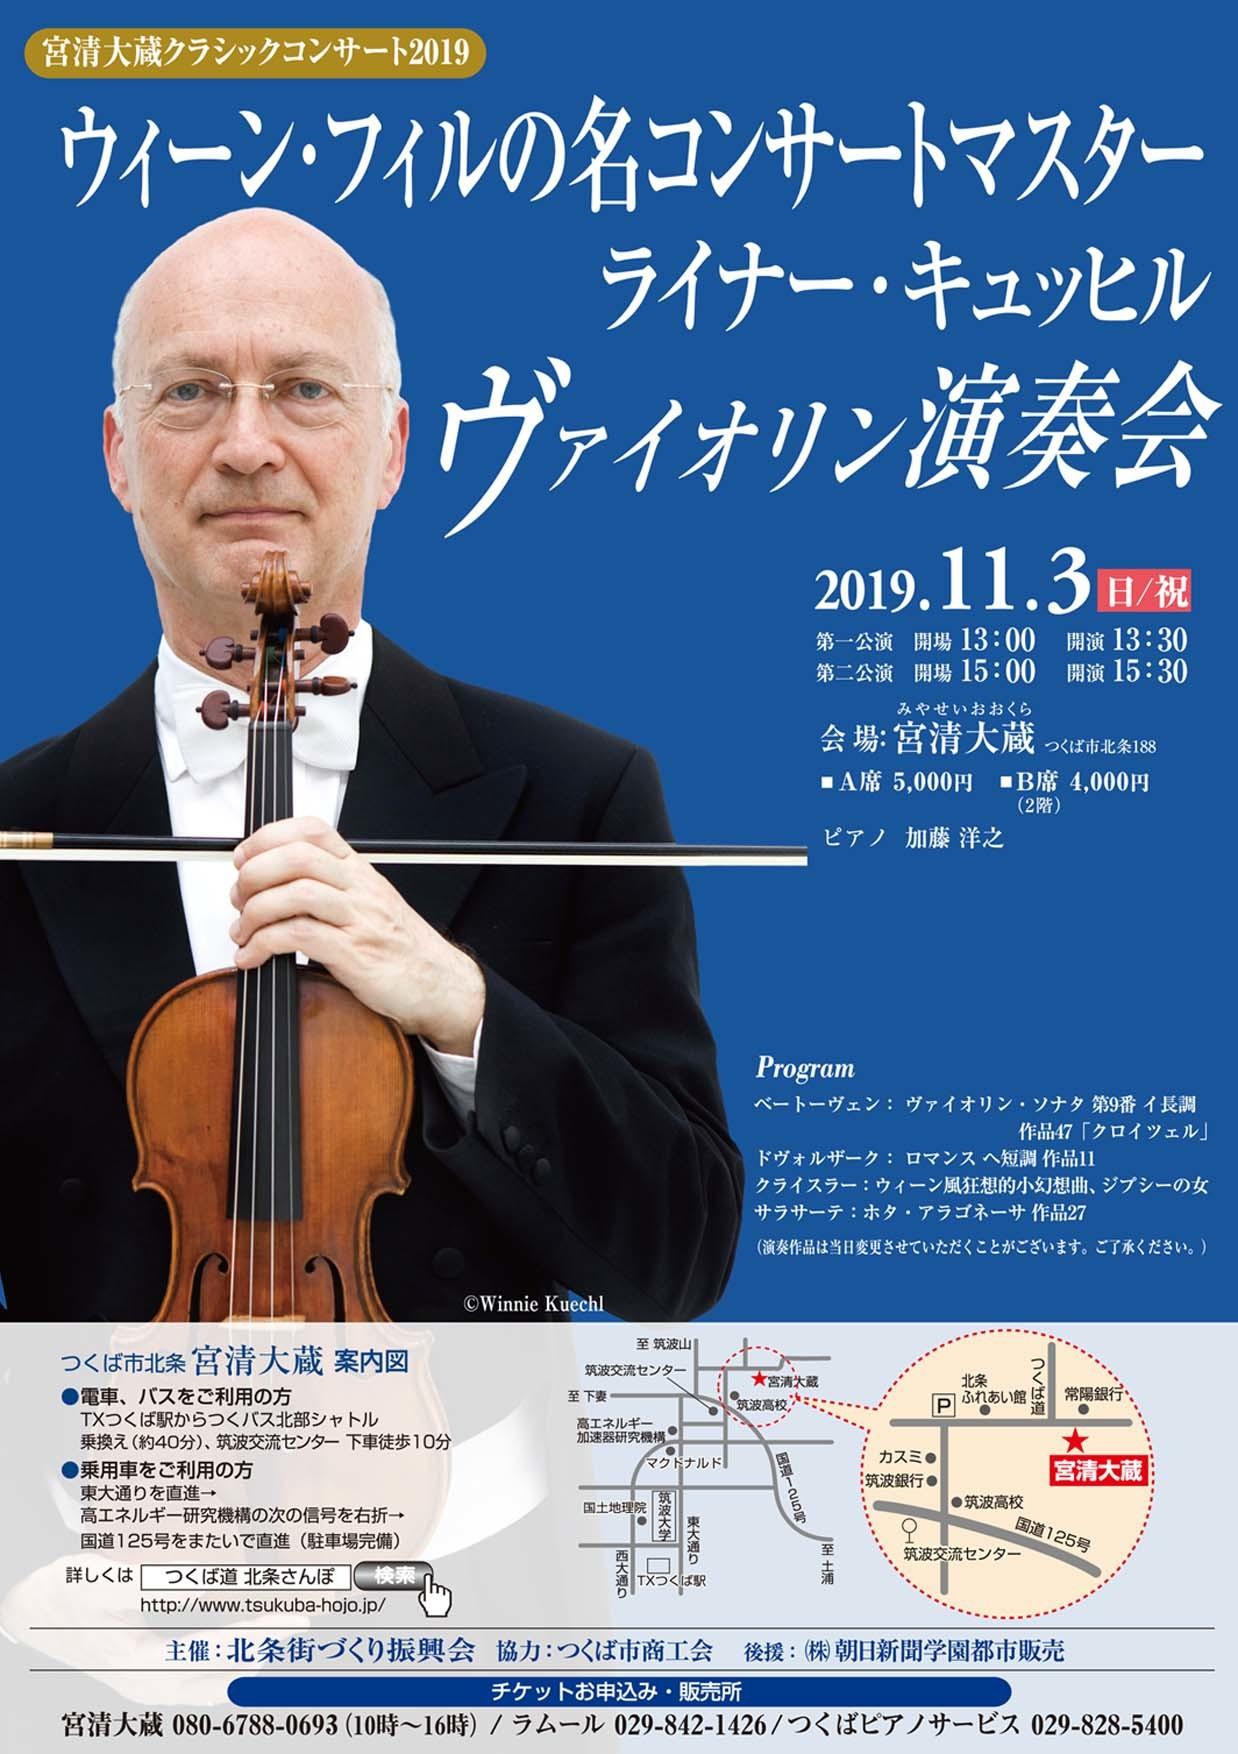 ライナー・キュッヒル氏(ヴァイオリン)演奏会 その2_b0124462_10524520.jpg